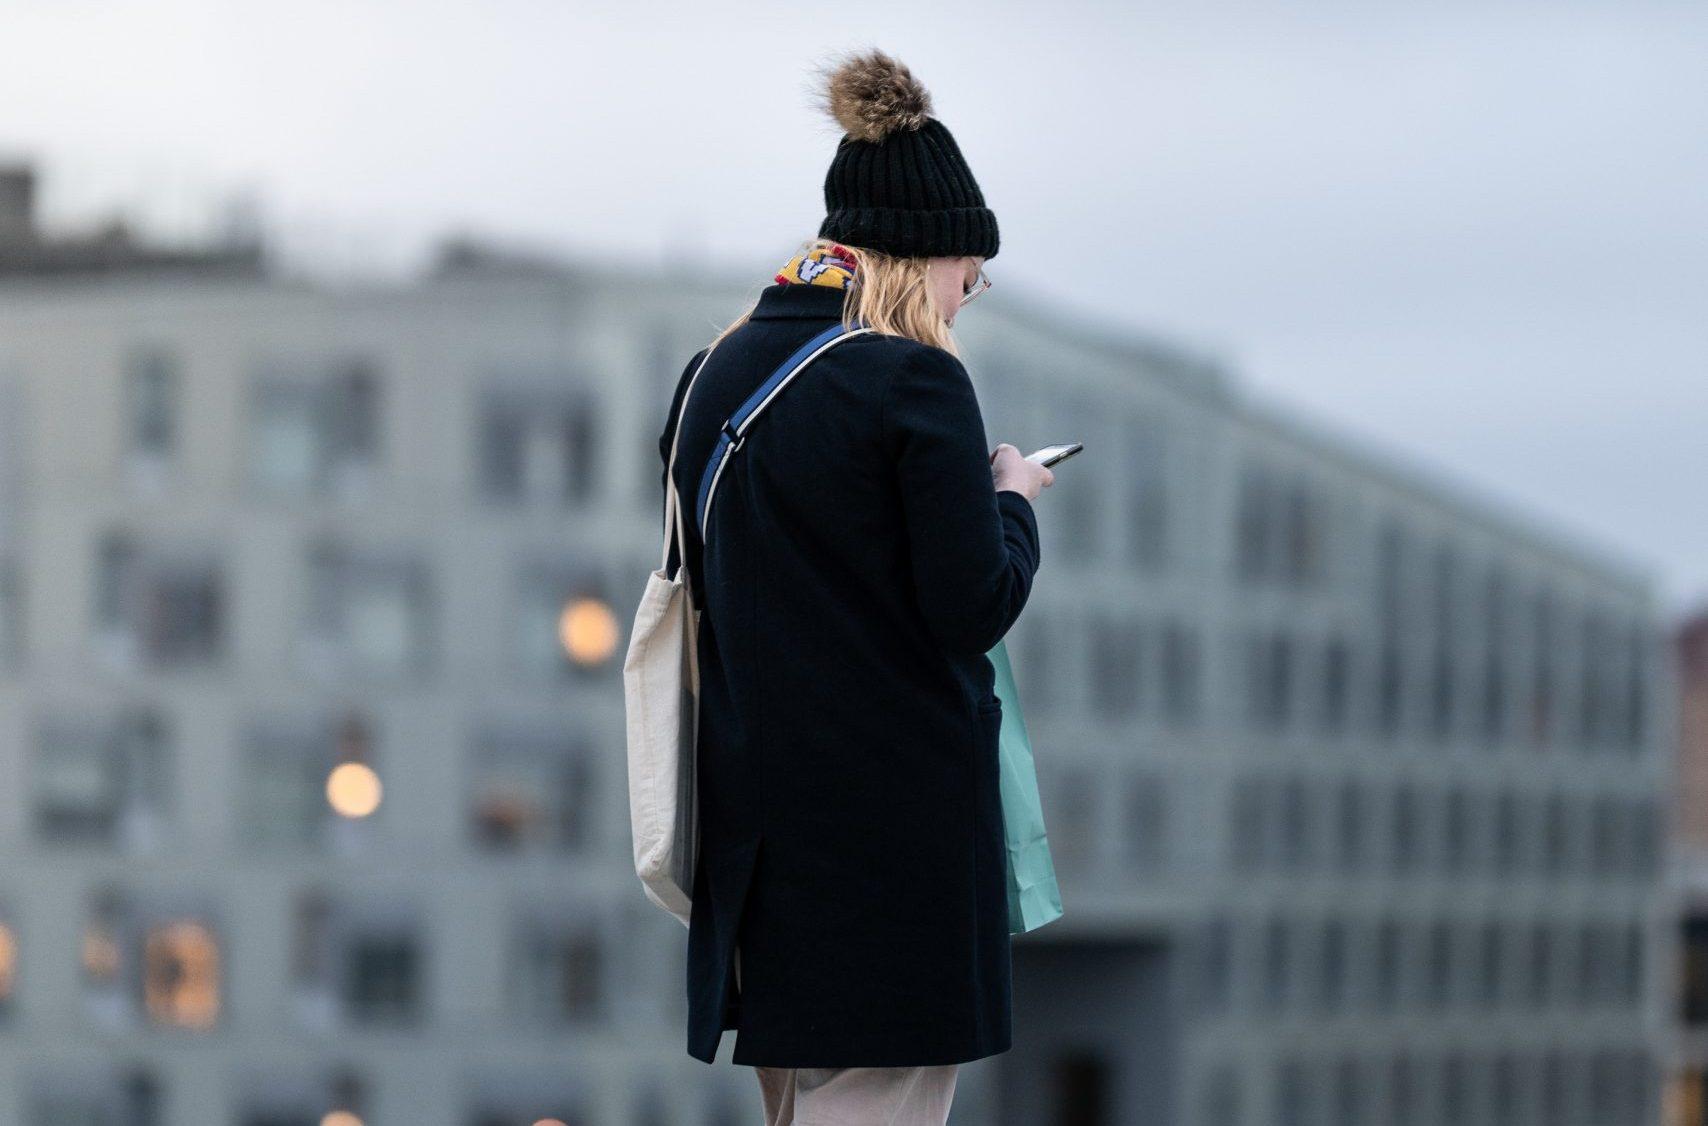 ノルウェー、接触者追跡アプリの運用を停止 プライバシー懸念